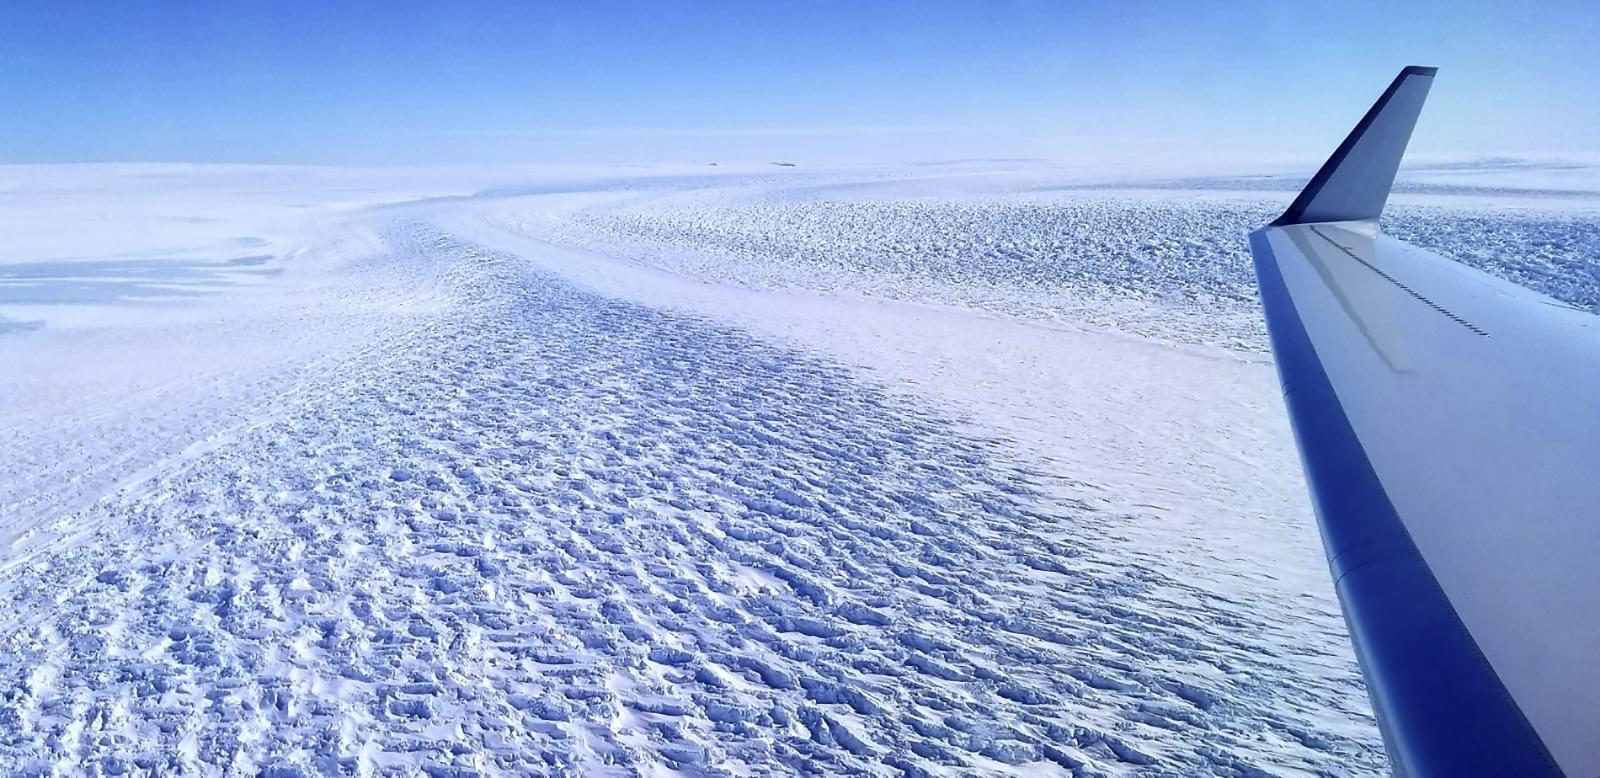 ขั้วโลกใต้ร้อนขึ้นเป็น 3 เท่าของค่าเฉลี่ยทั่วโลกในช่วง 30 ปีที่ผ่านมา